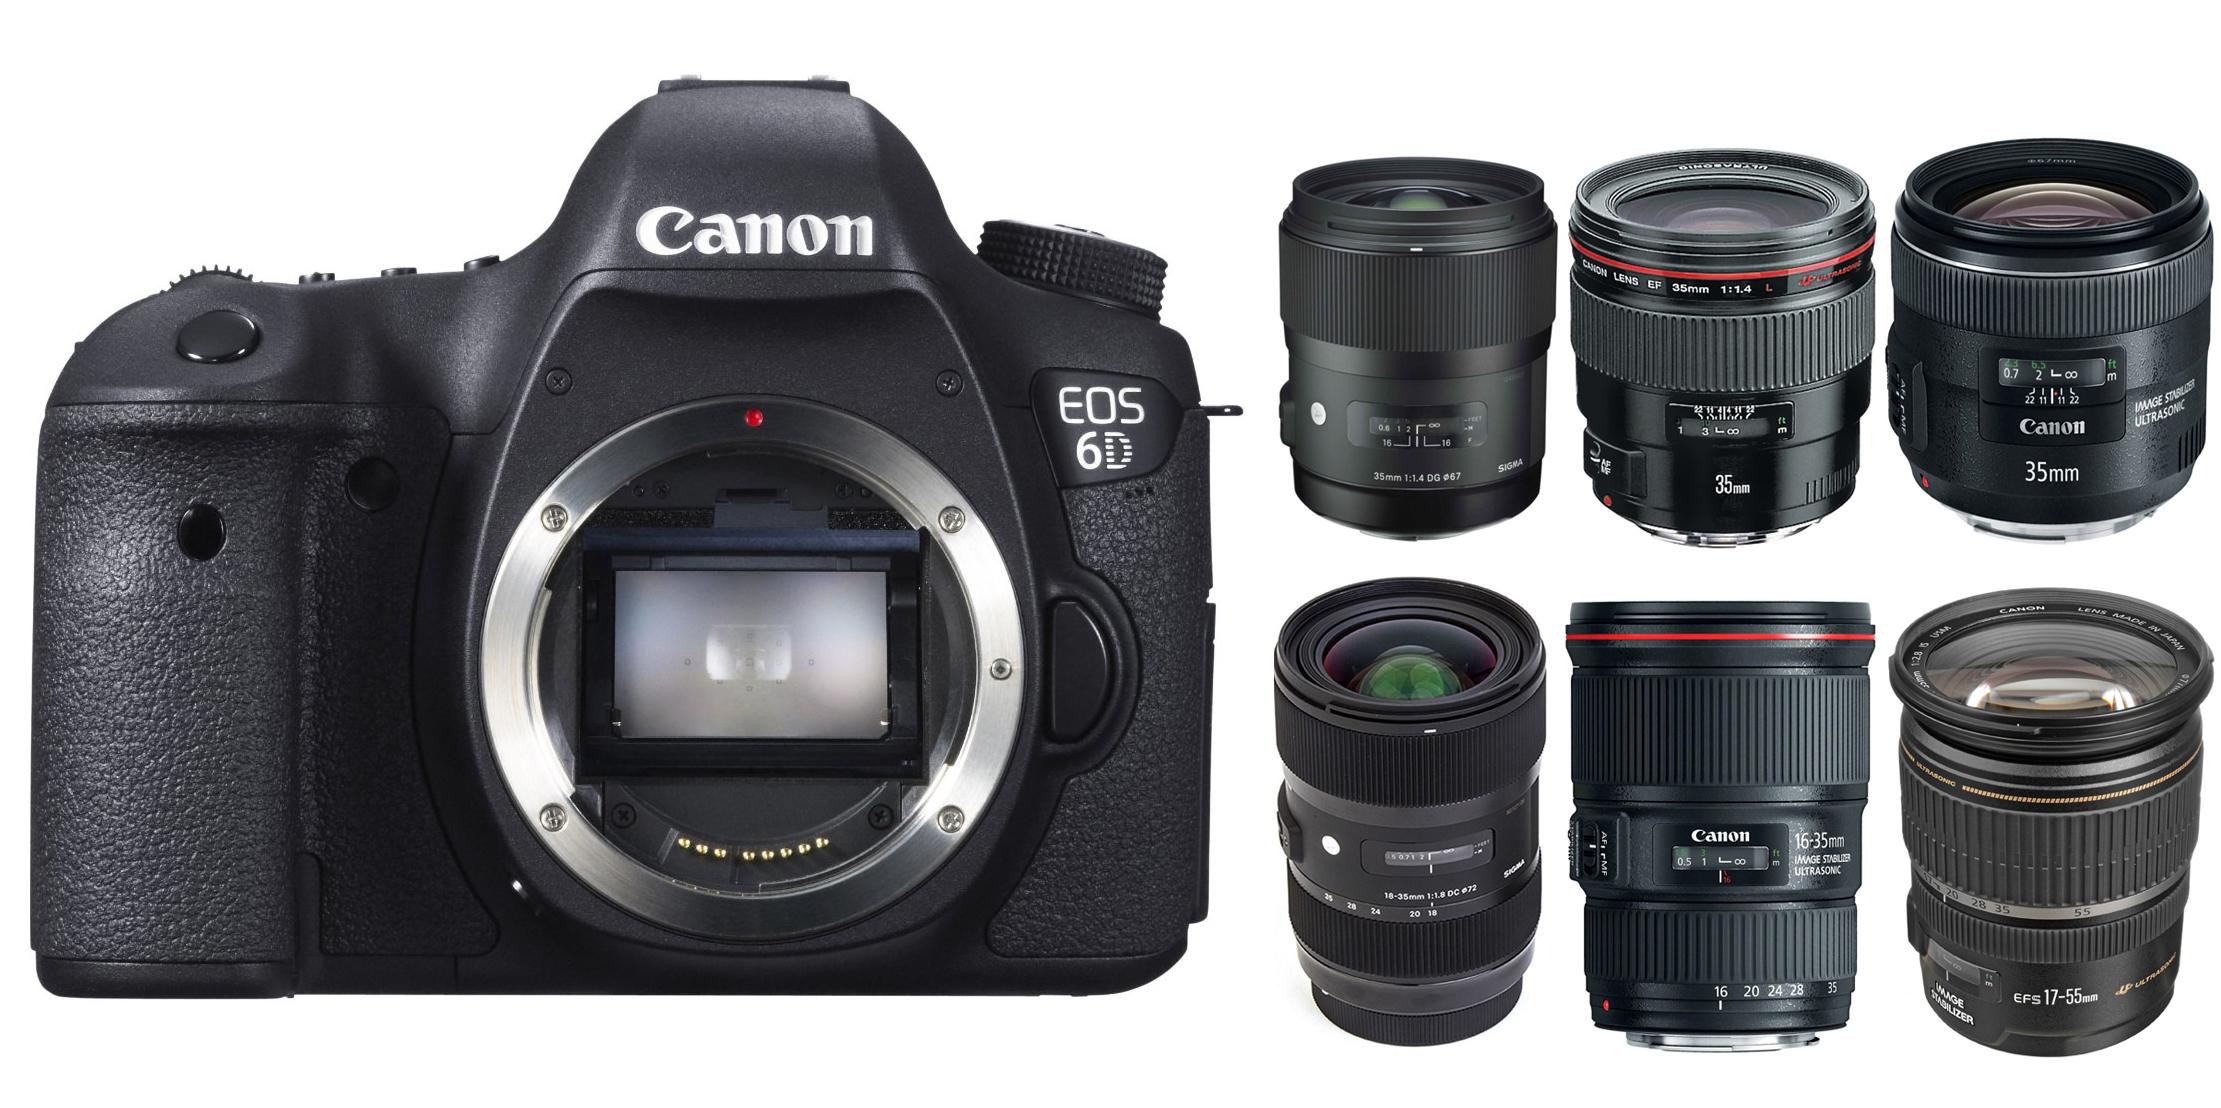 Best Wide-angle Lenses for Canon EOS 6D | Lens Rumors